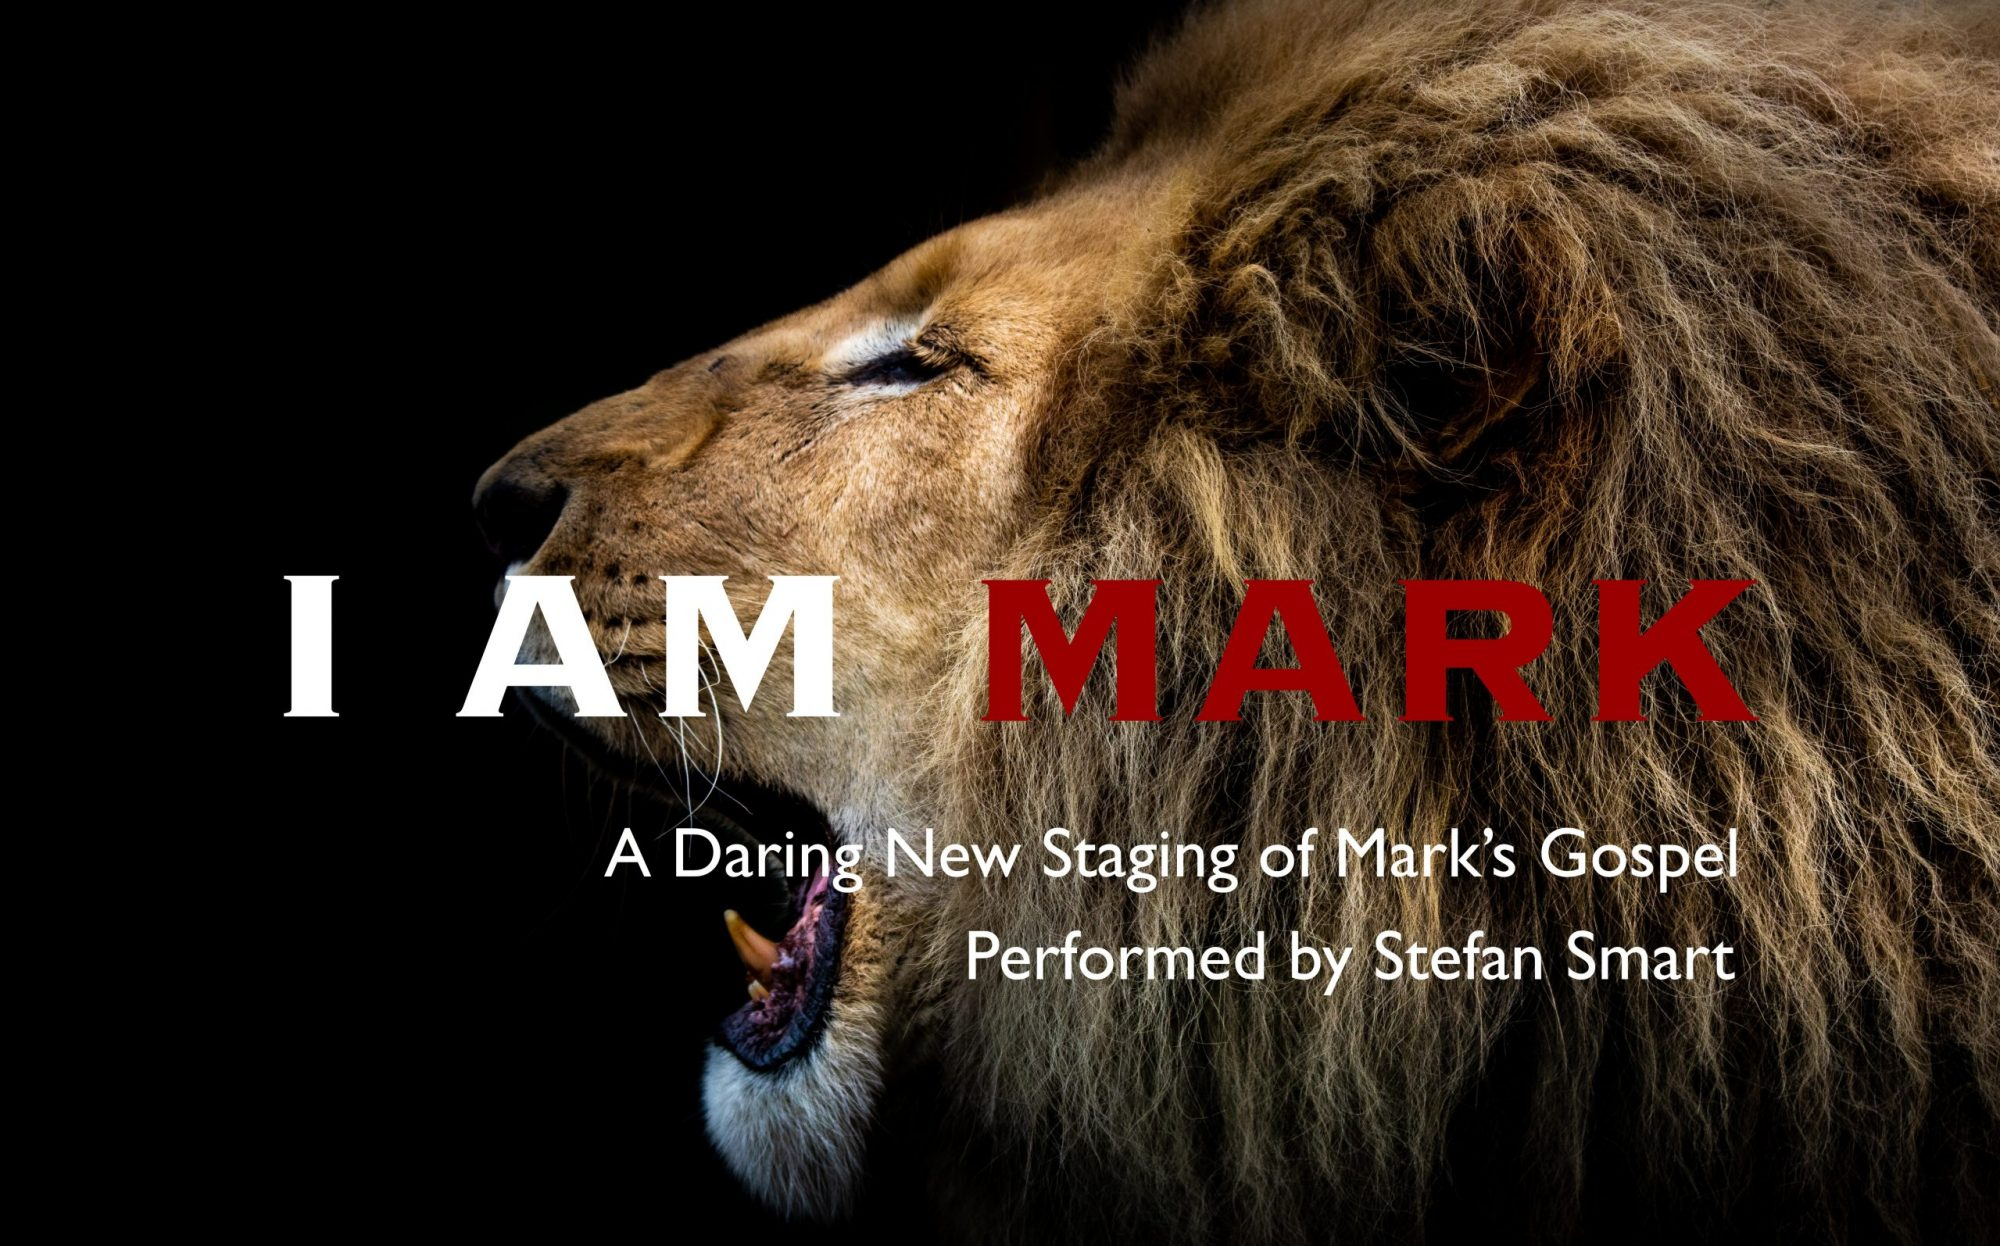 I AM MARK